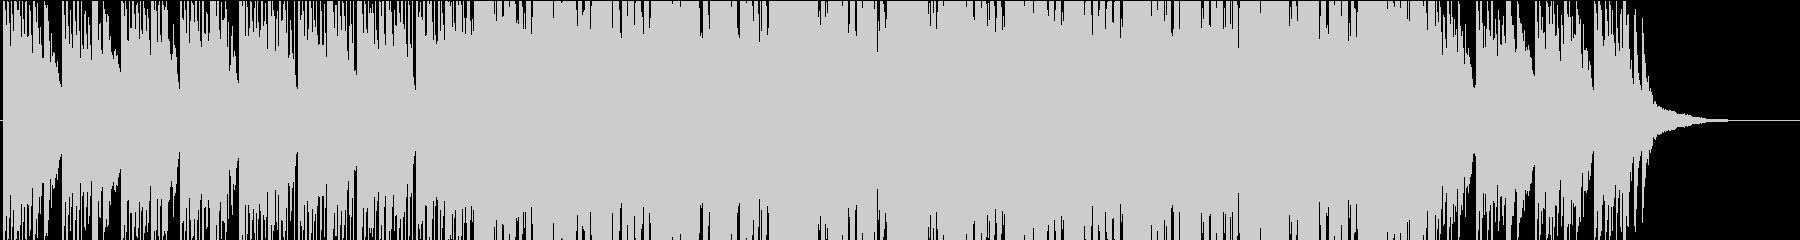 企業VP/ピアノ/疾走感/前向き/透明感の未再生の波形